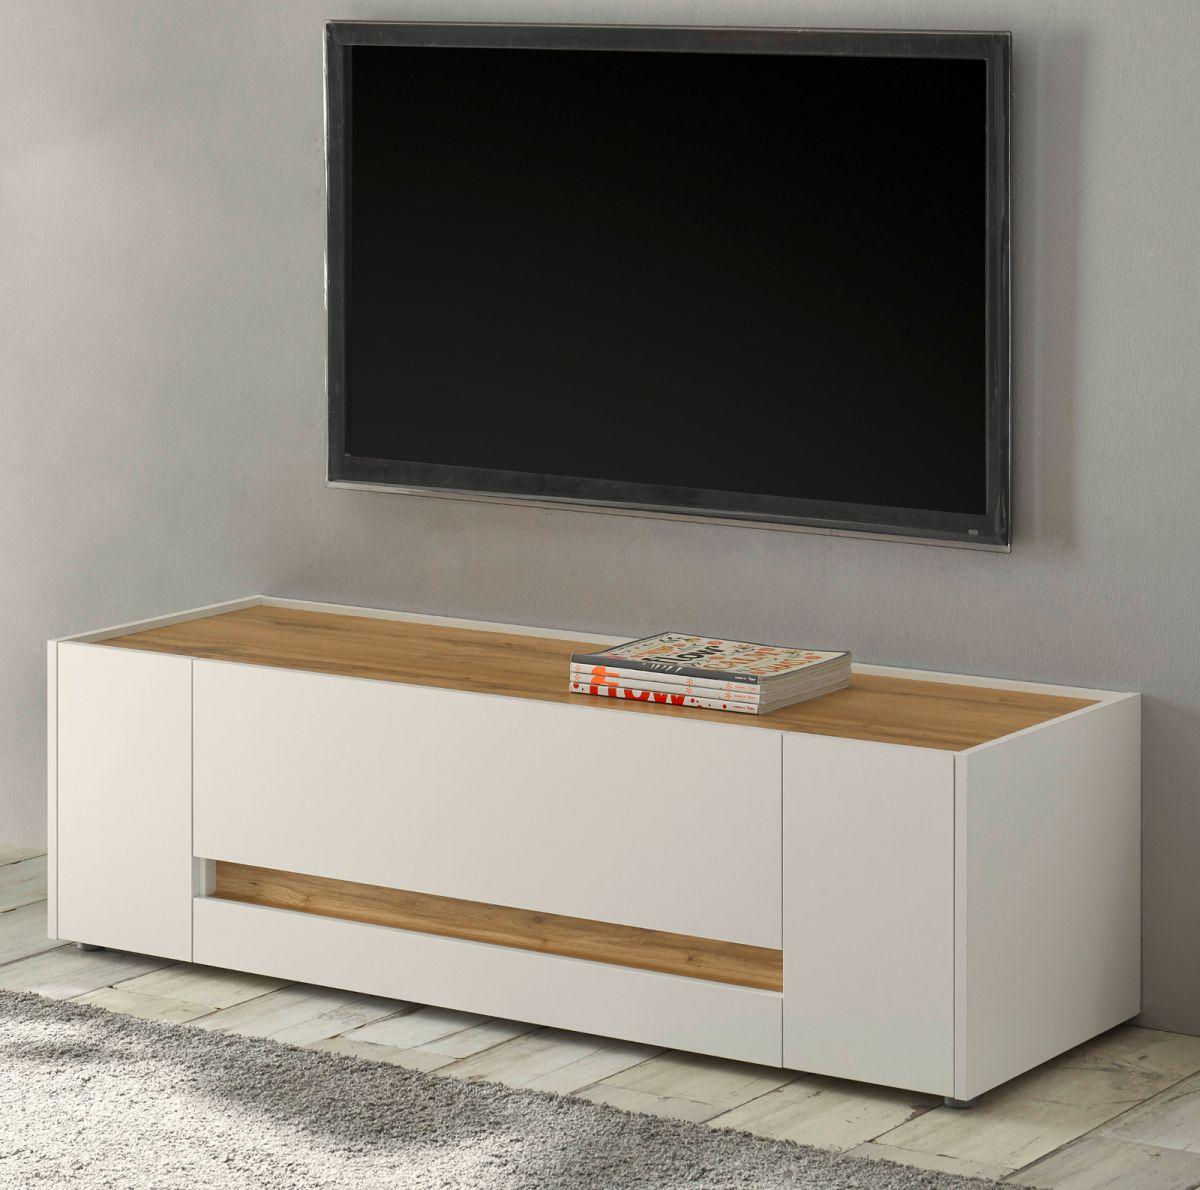 TV-Lowboard Center in weiss und Eiche Wotan 140 cm